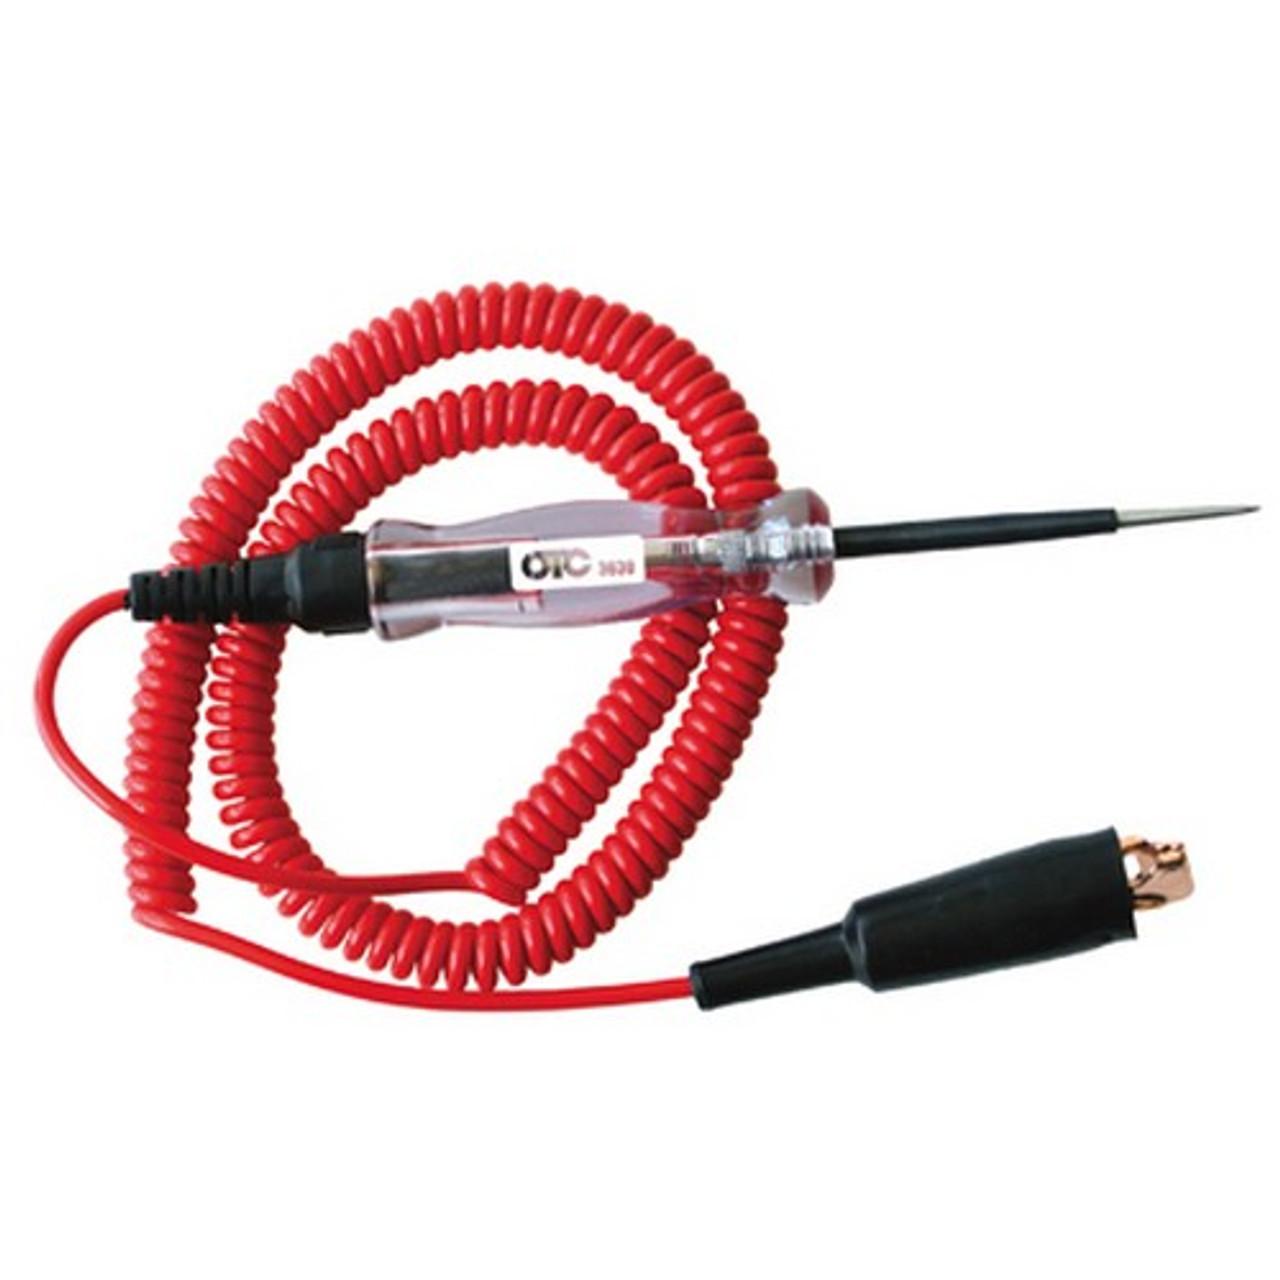 OTC Circuit Tester,6//12V,12 ft. 3633